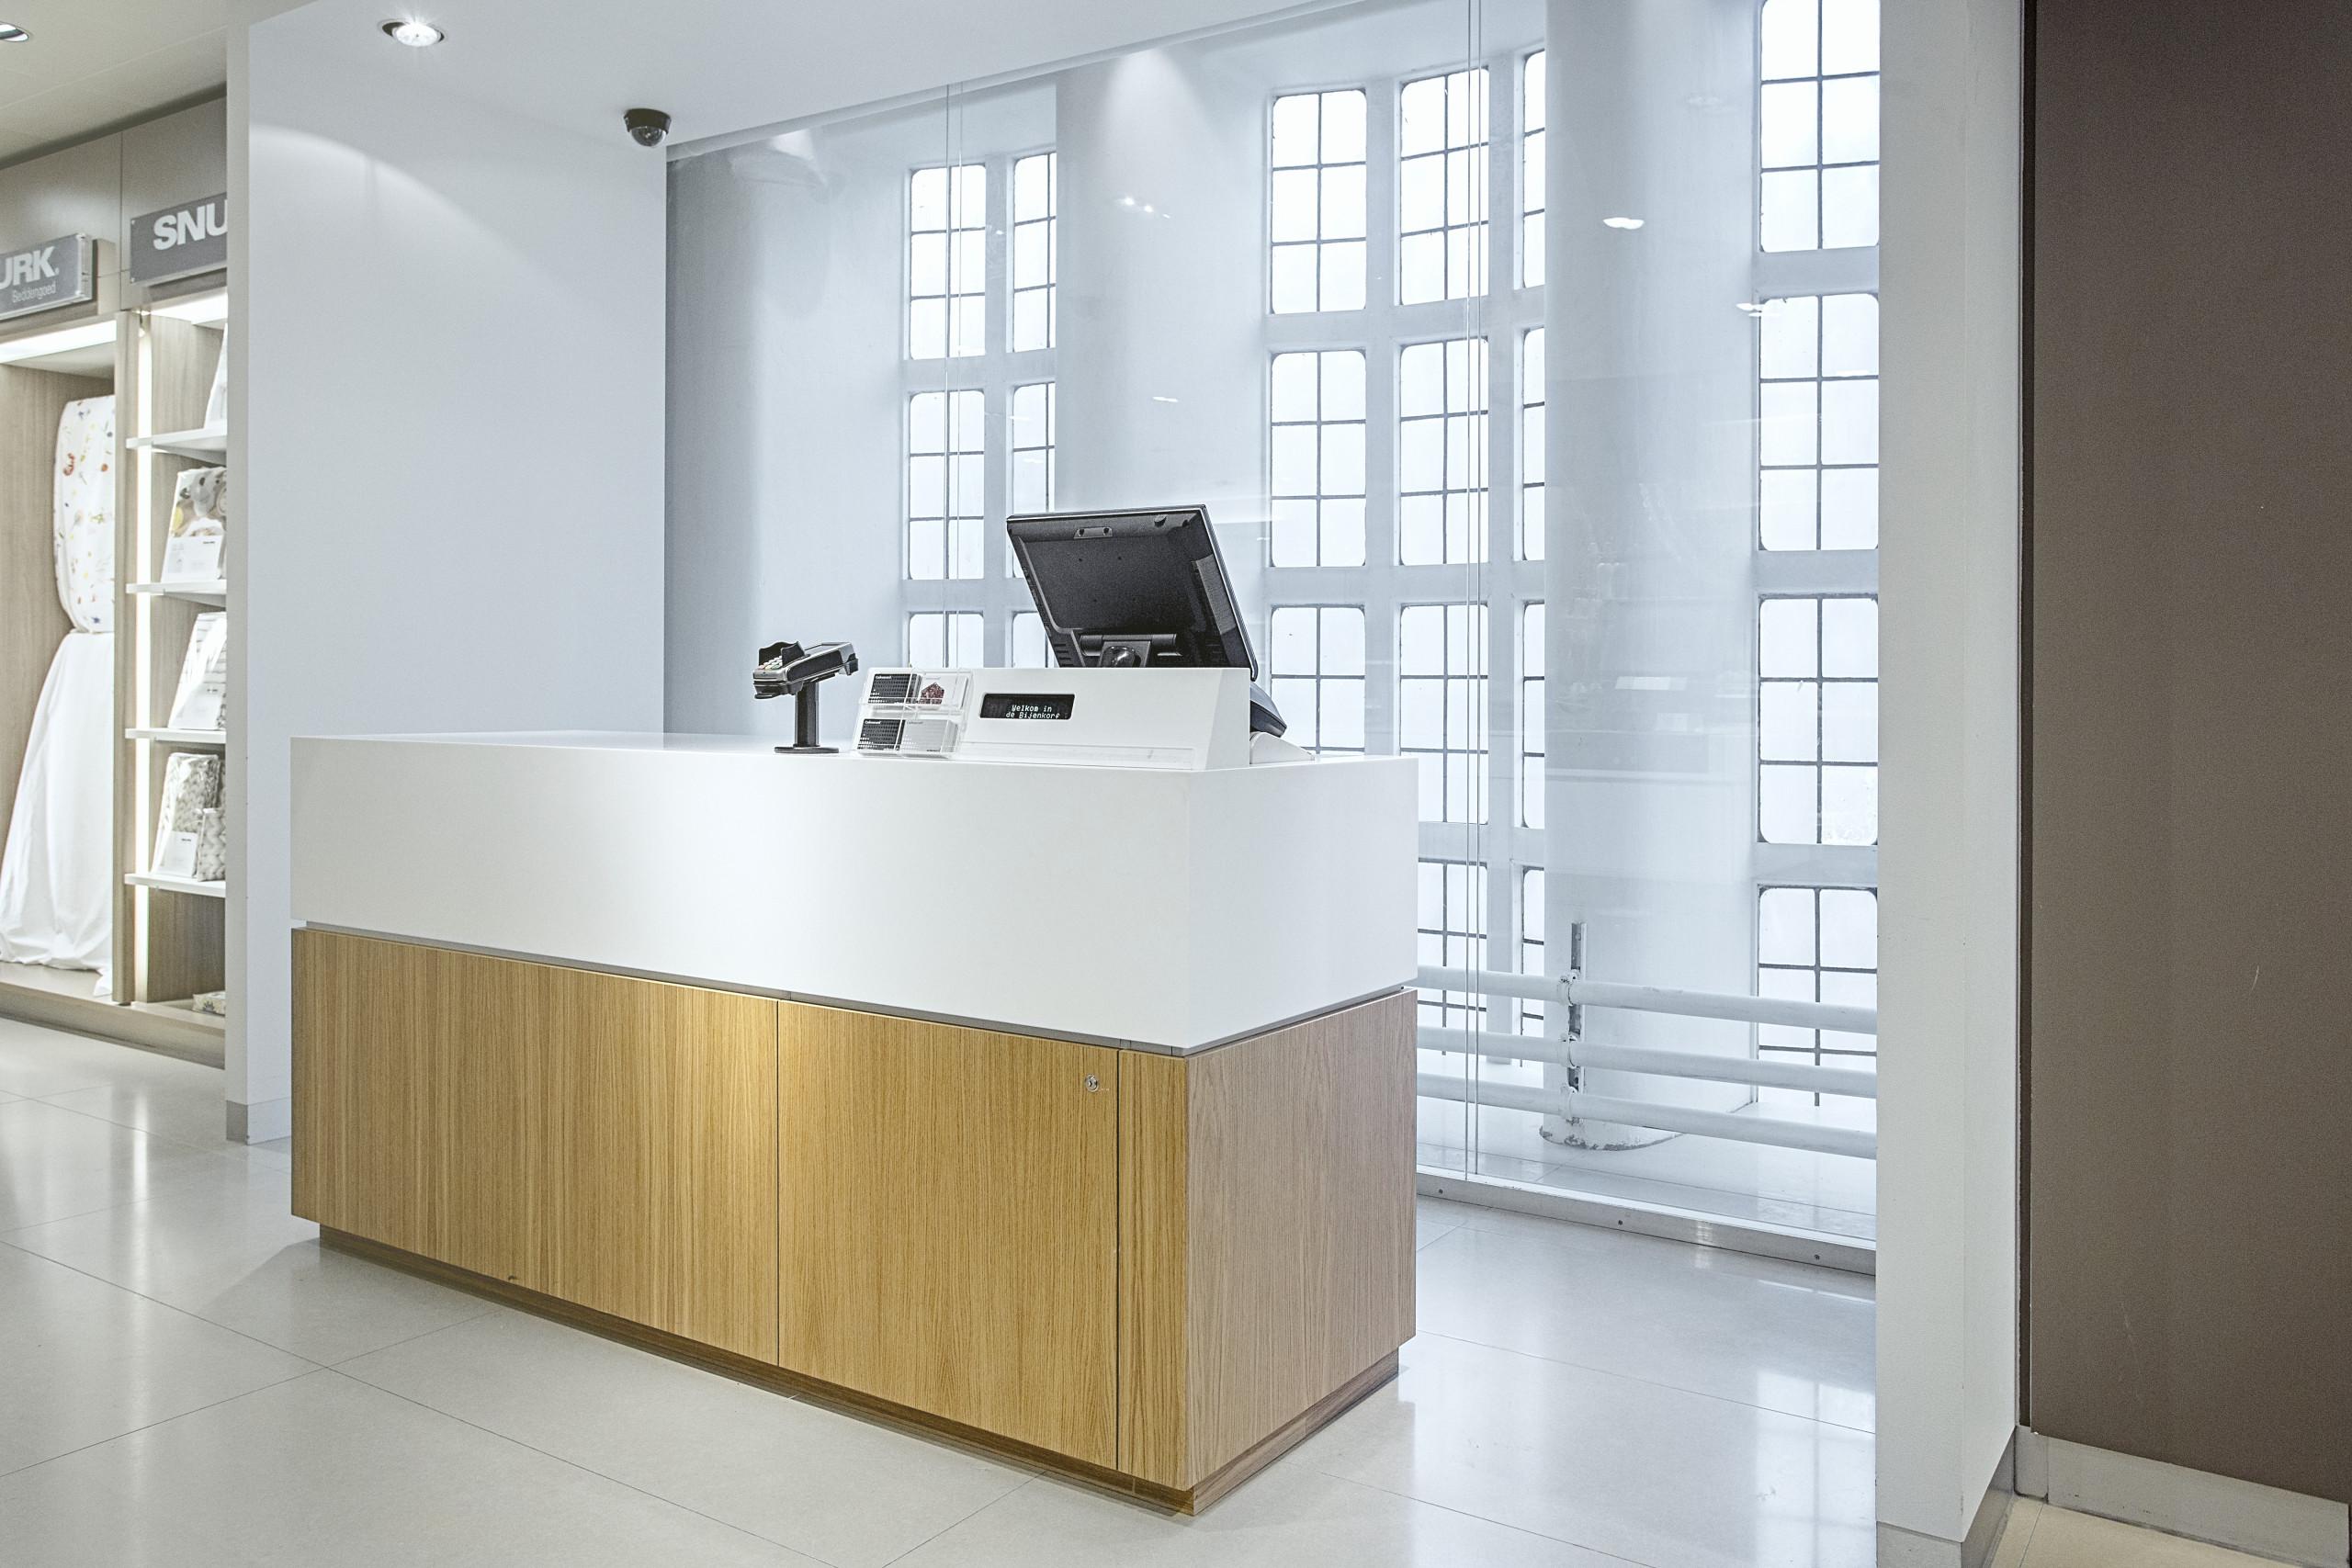 De Bijenkorf travel department the hague counter